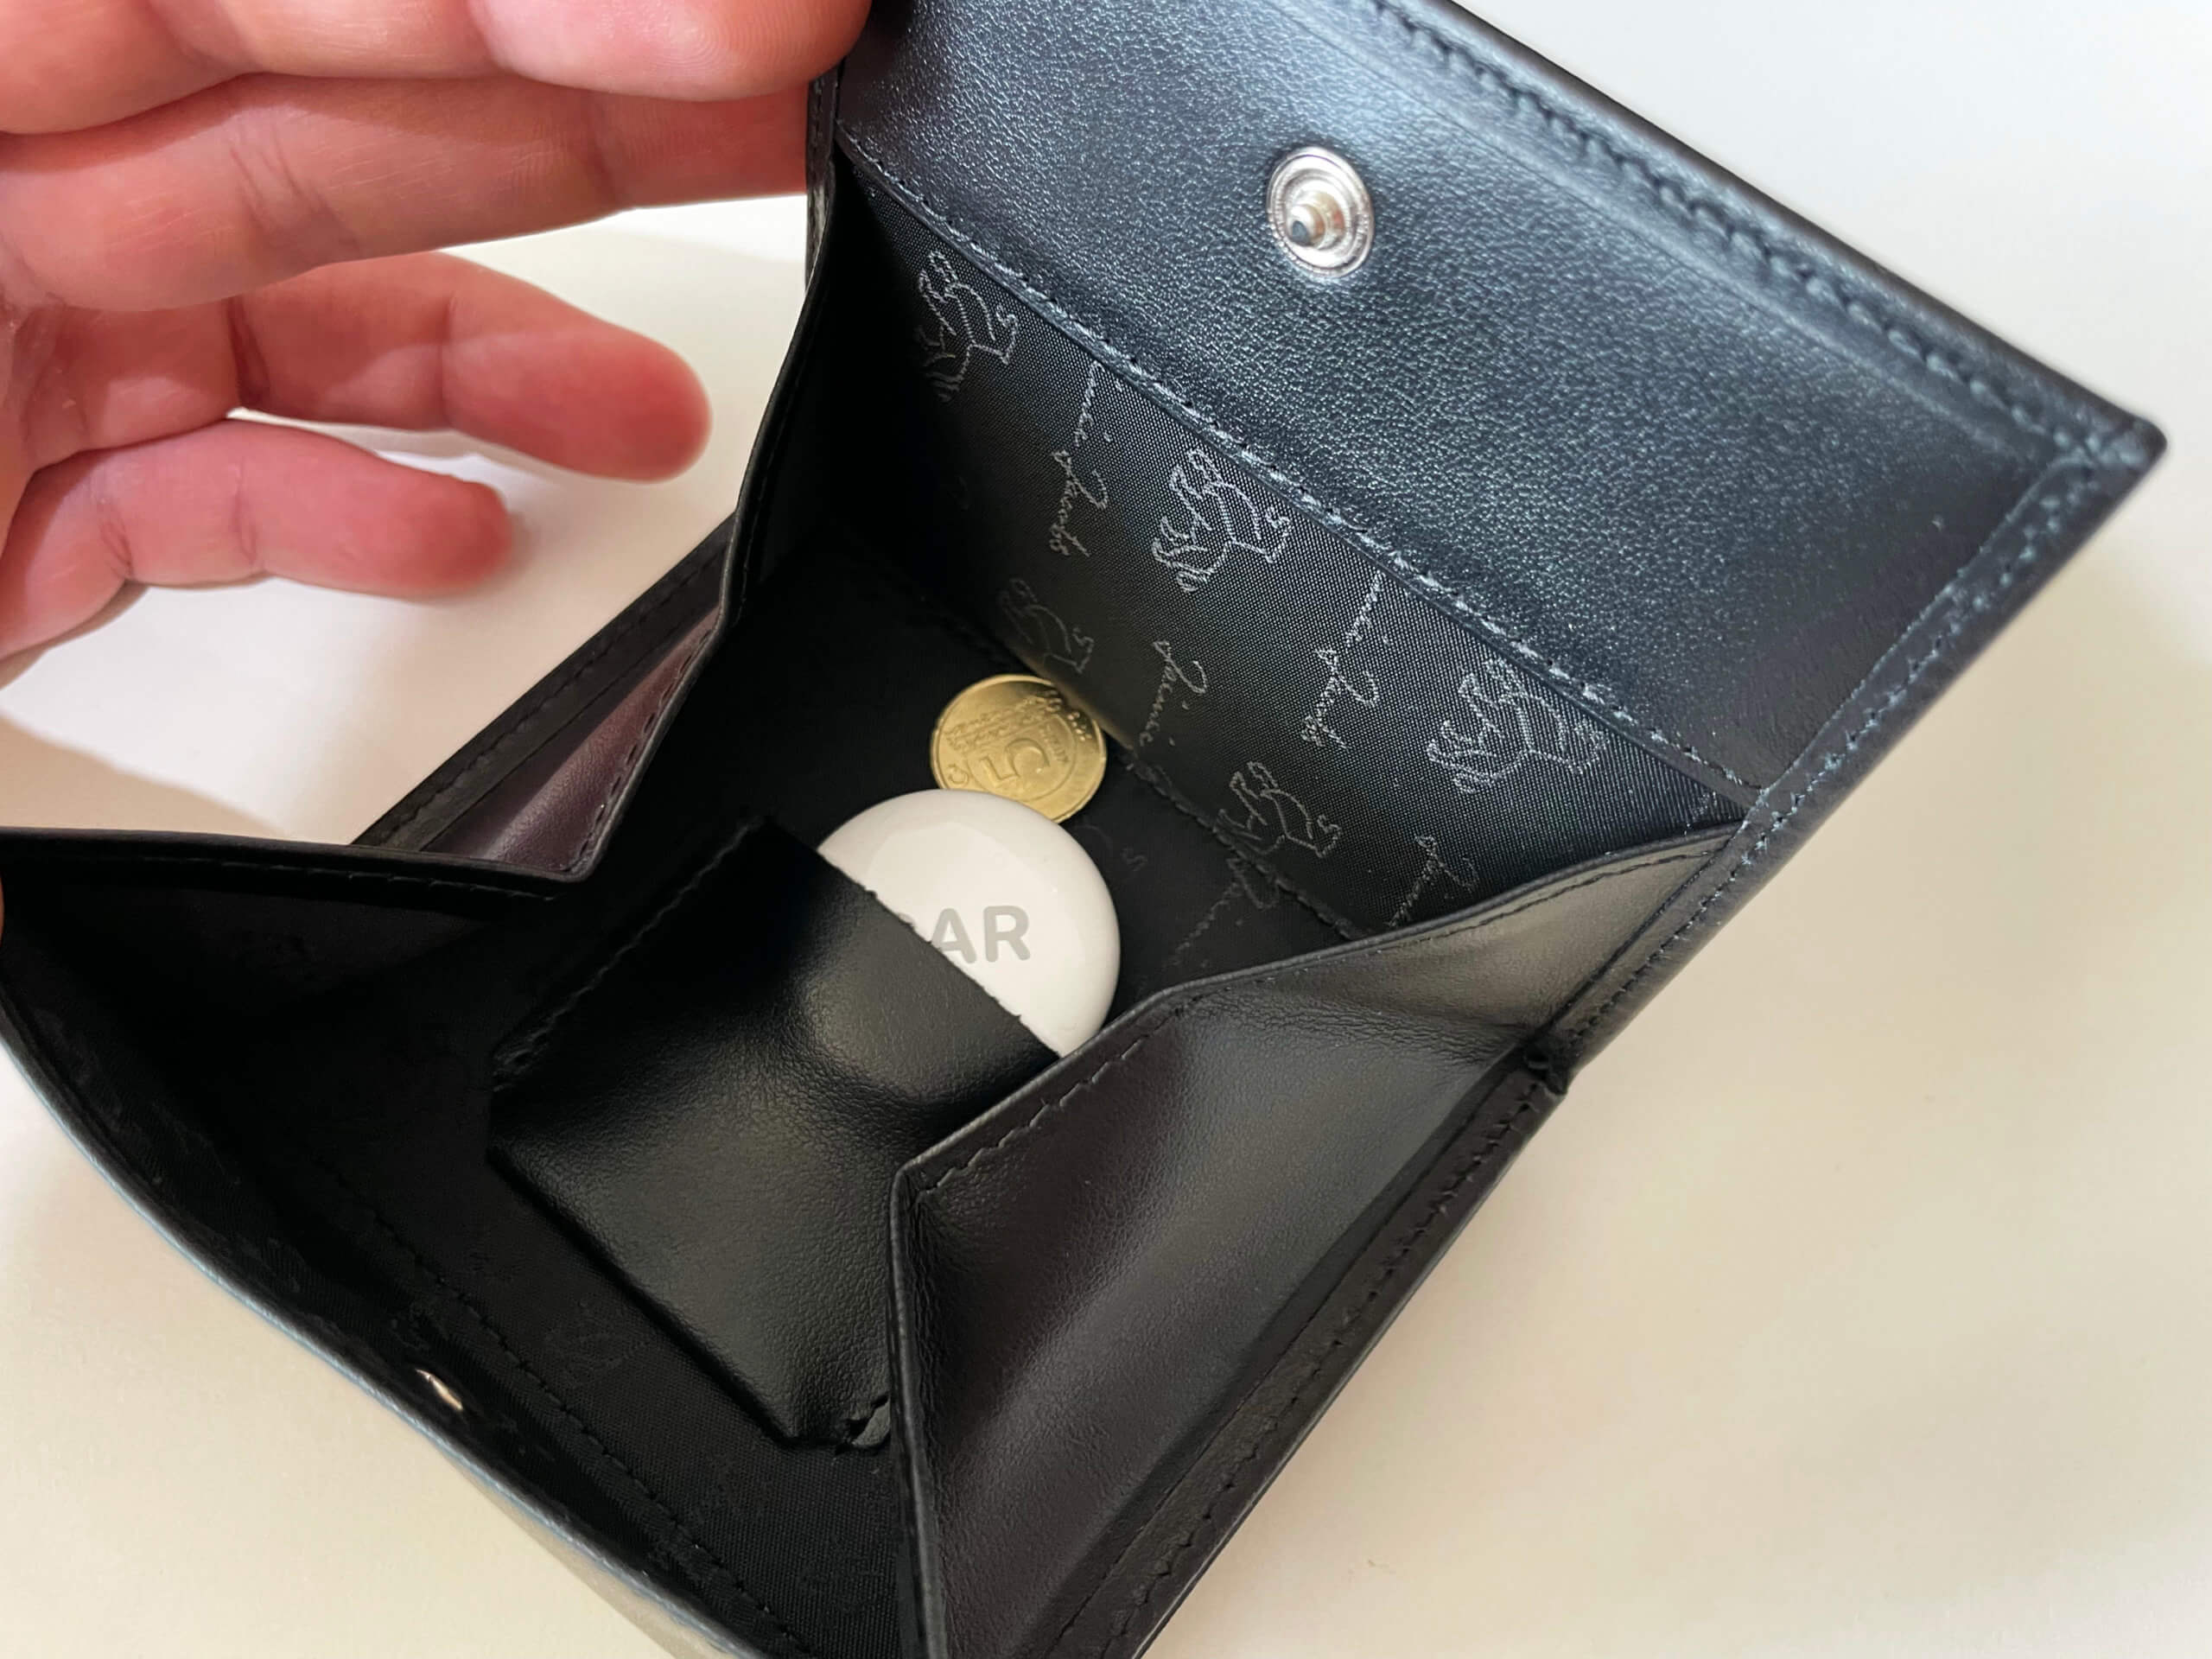 Der AirTag lässt sich in einem separaten Täschchen im Münzfach verstauen.